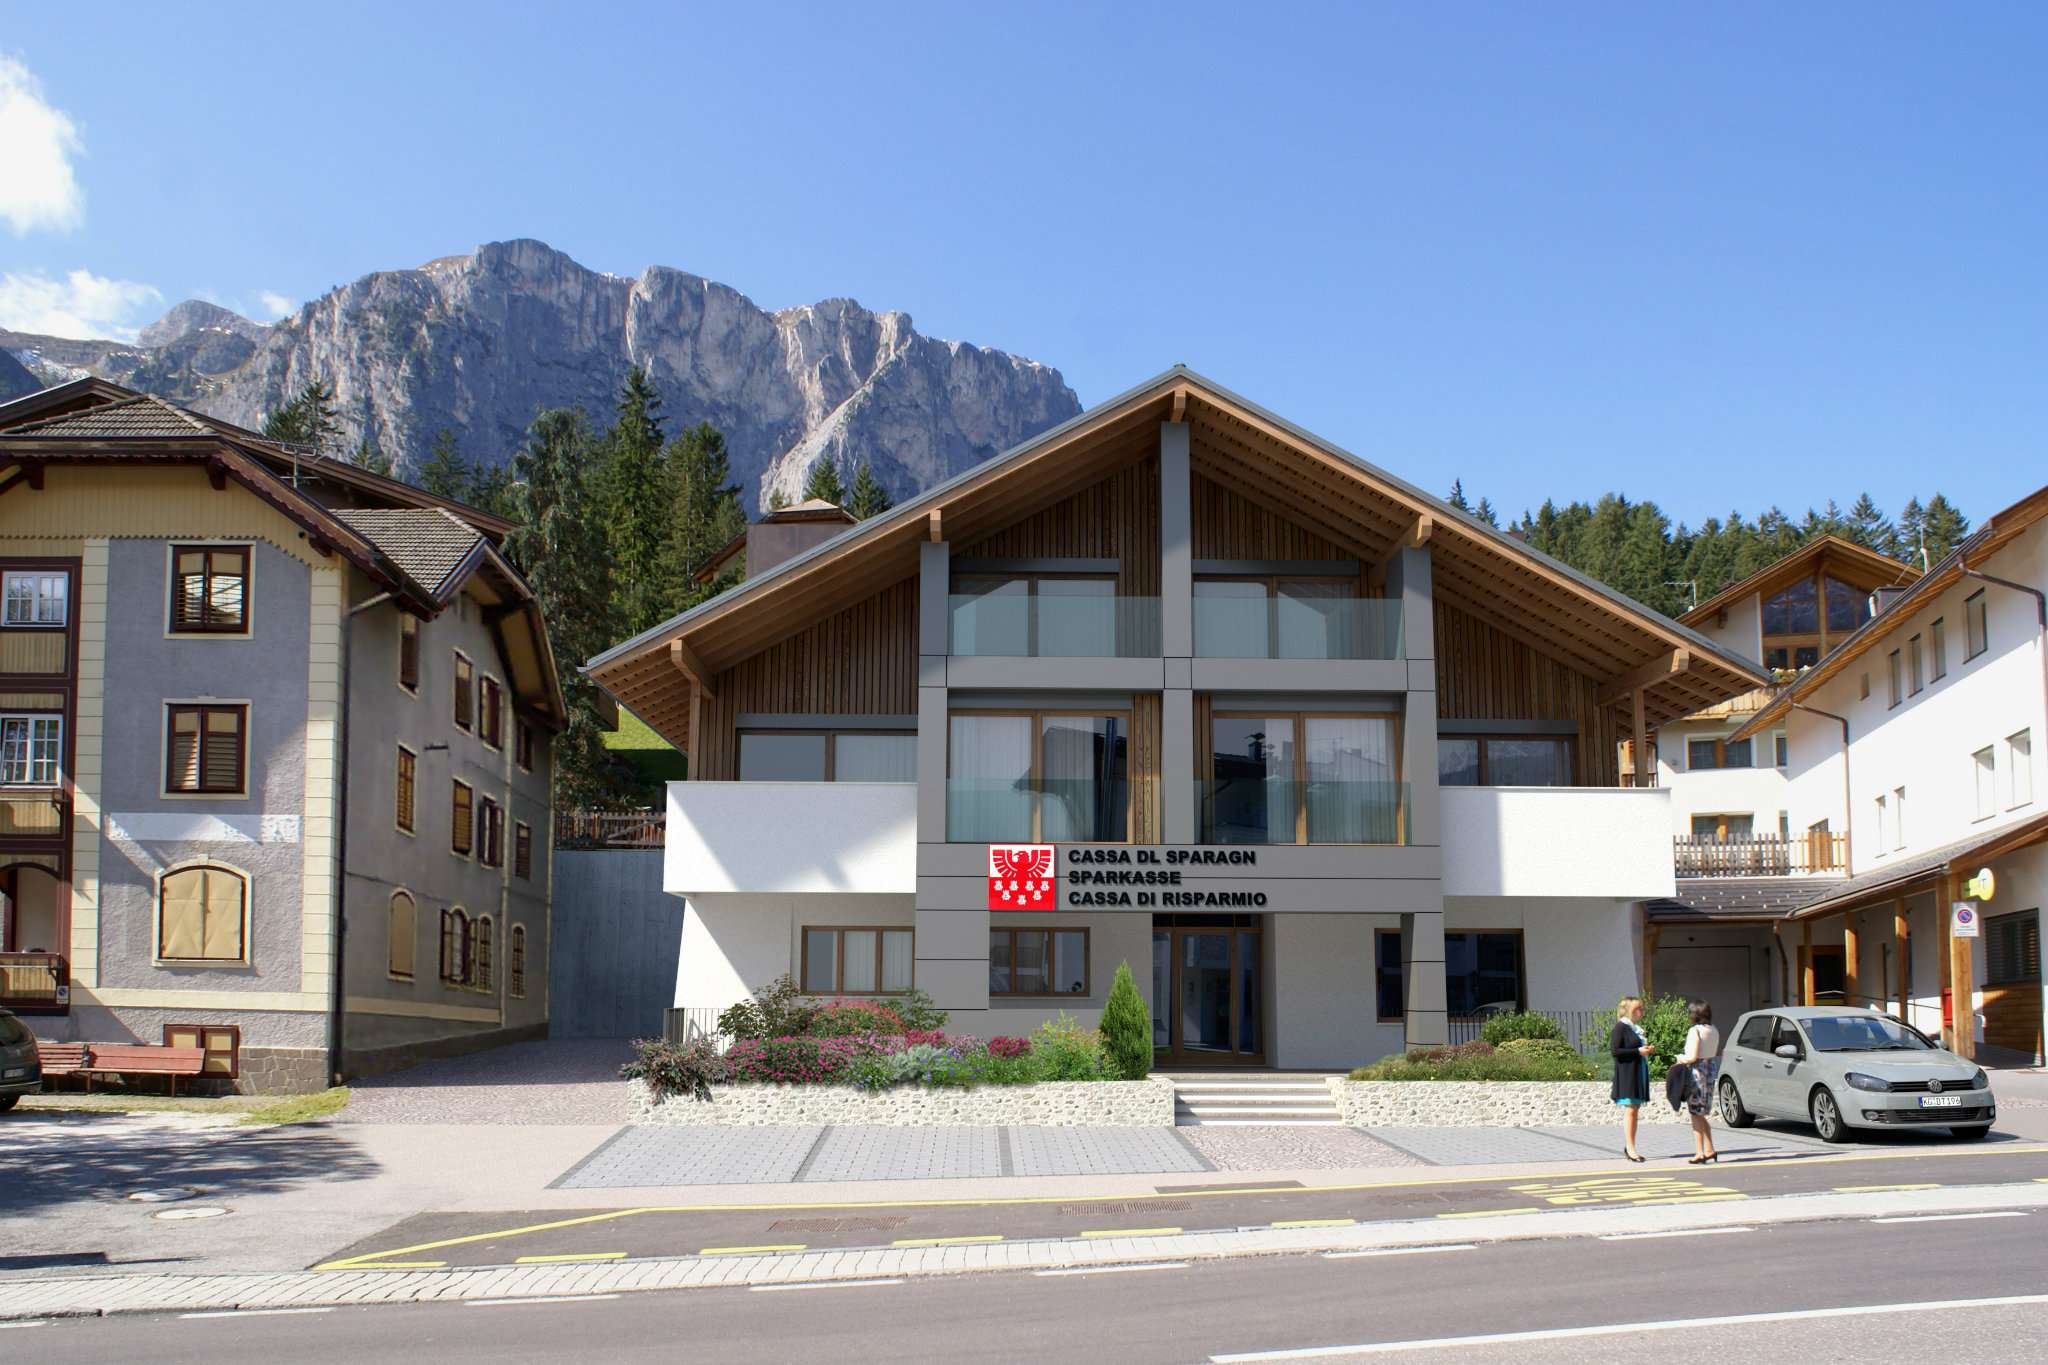 Appartamento in vendita a Badia, 3 locali, Trattative riservate | CambioCasa.it